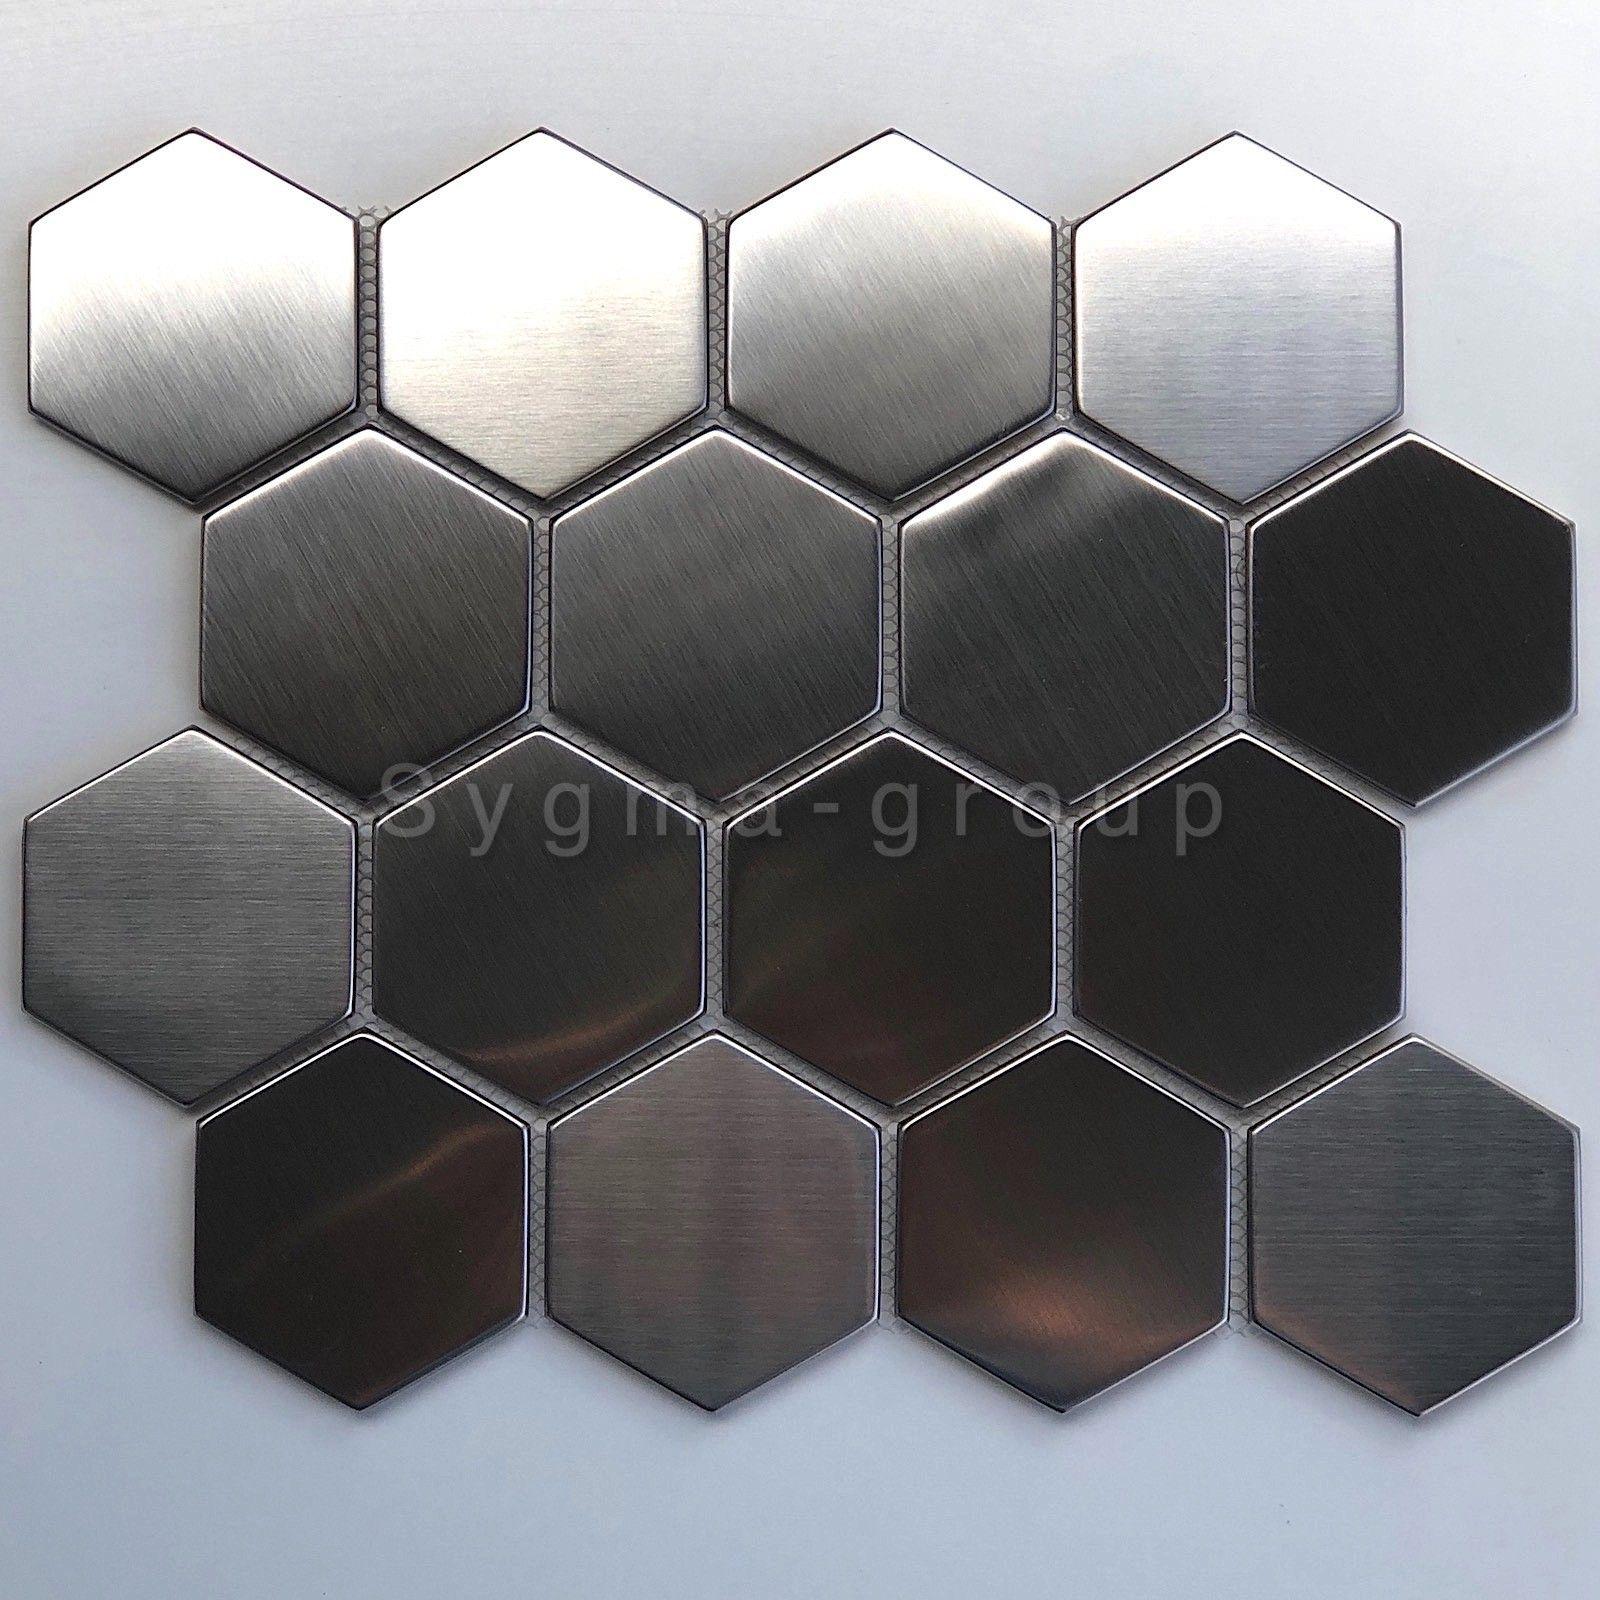 - Tile Hexagonal Metal Mosaic Brushed Kitchen Backsplash Kiel